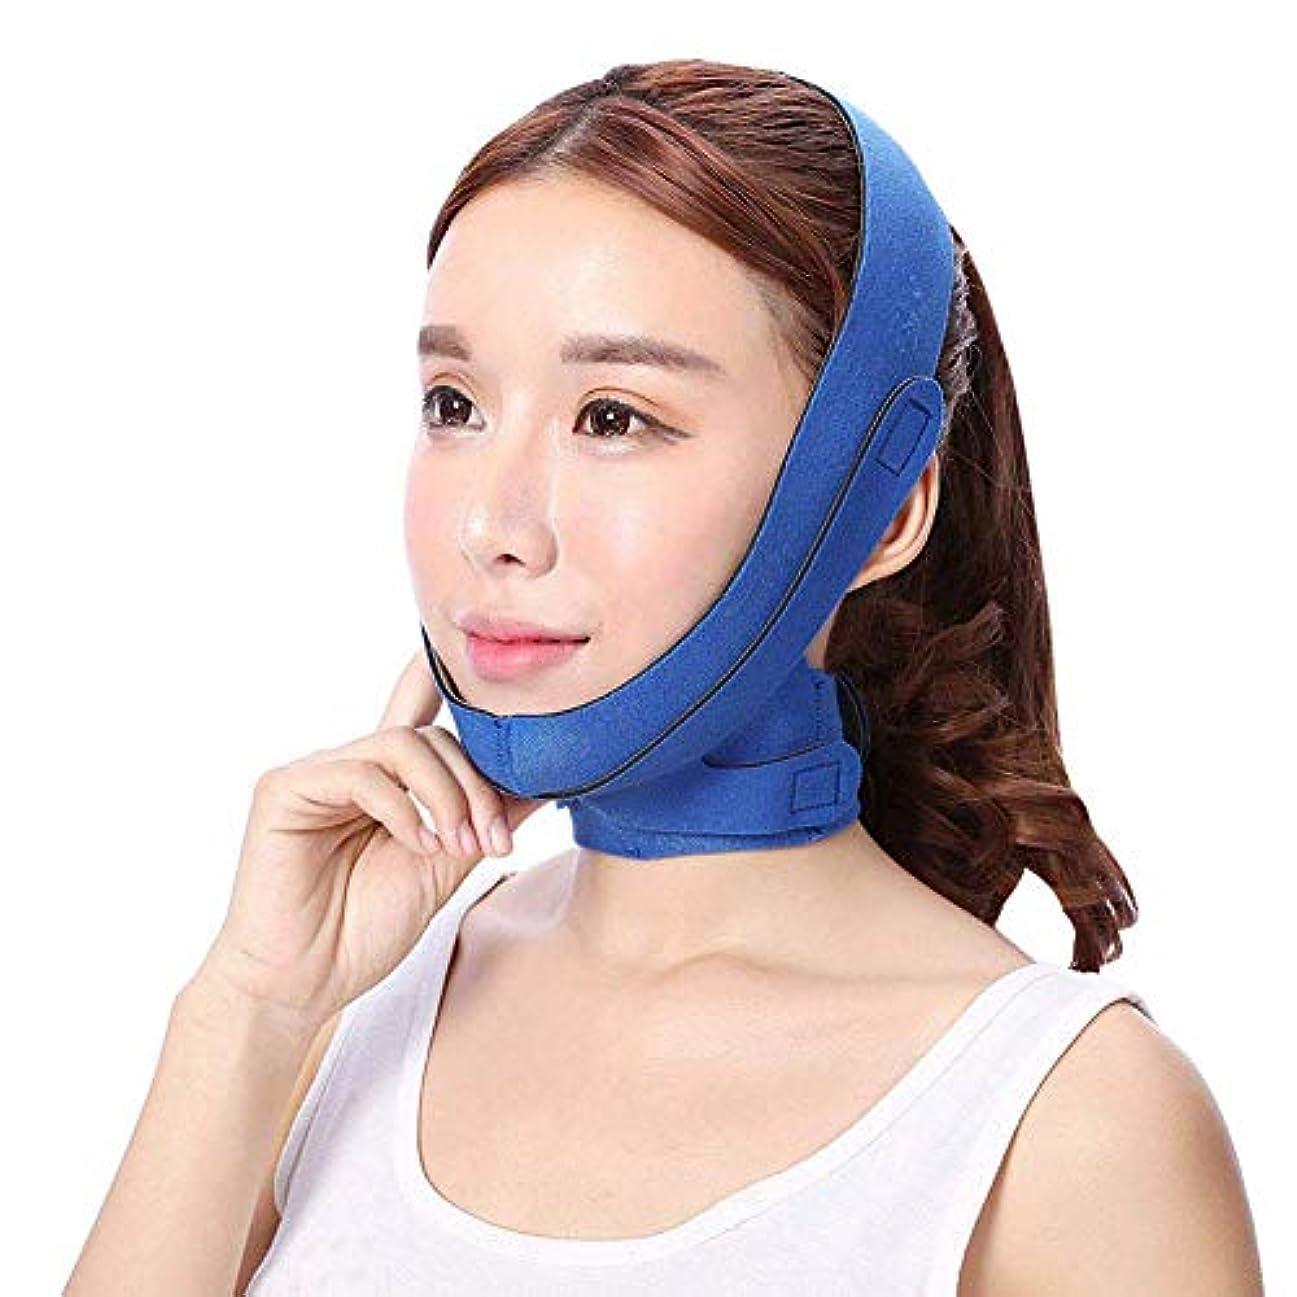 フクロウ宗教的な奨励しますフェイスリフティング包帯、薄いフェイスマスクVベルト/痩身包帯あご口腔マスク赤面